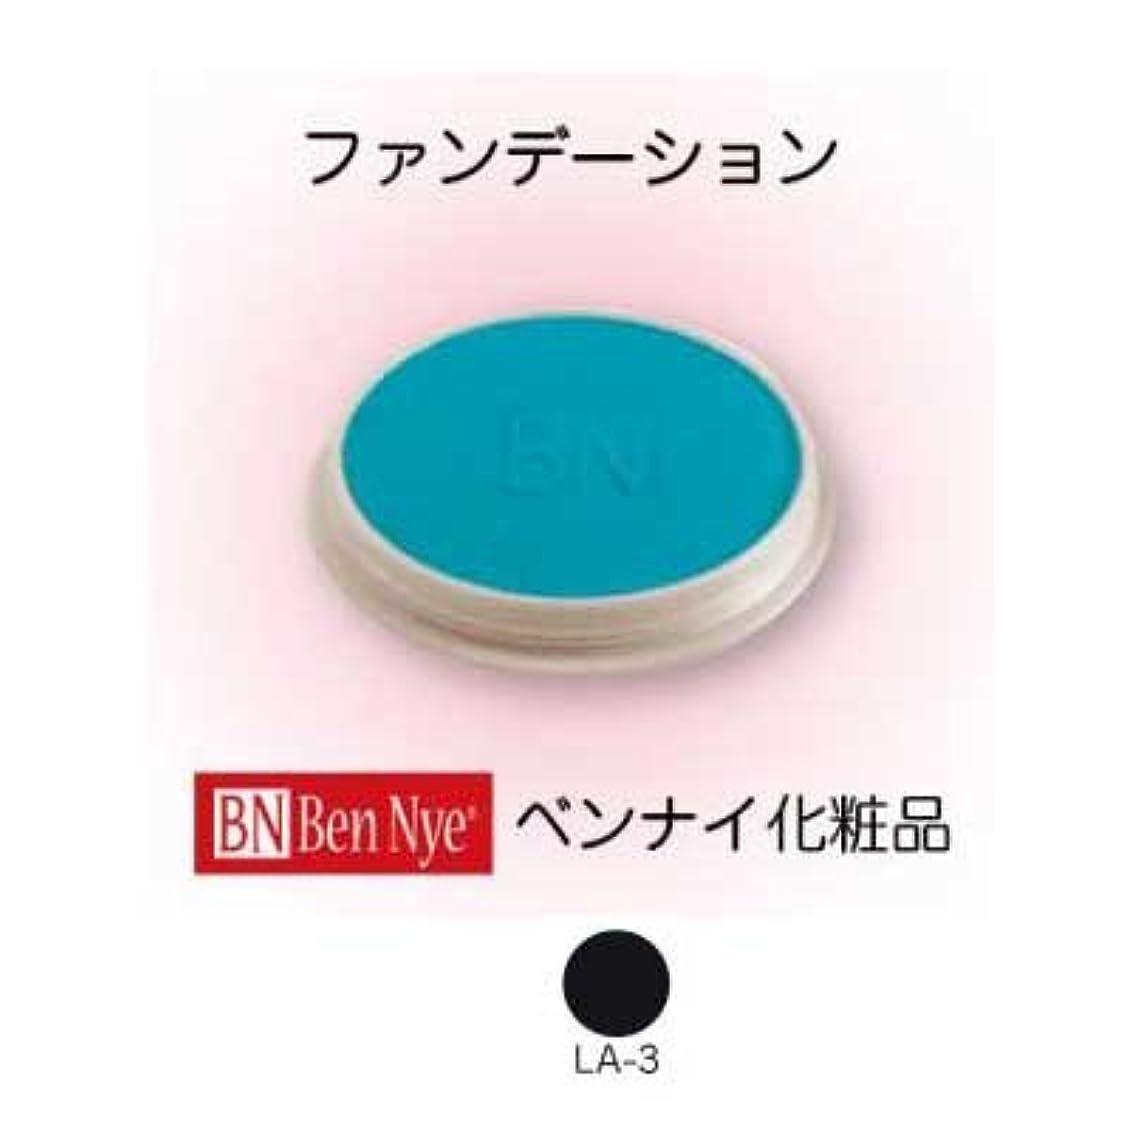 特許投資歌詞マジケーキ LA-3【ベンナイ化粧品】